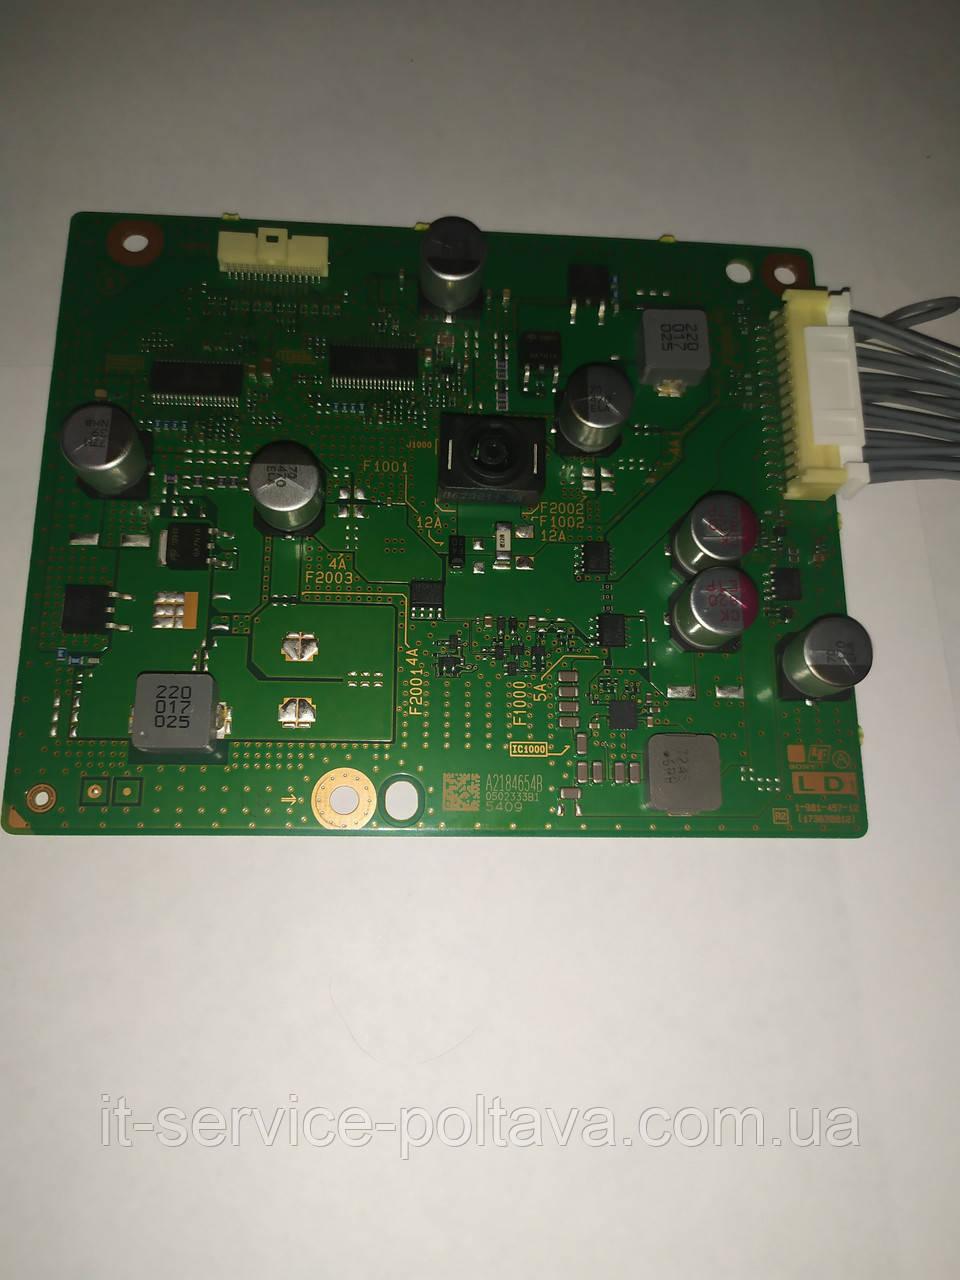 Інвертор (INVERTER BOARD) 1-981-457-12 (173638812,A2184654B) для телевізора Sony